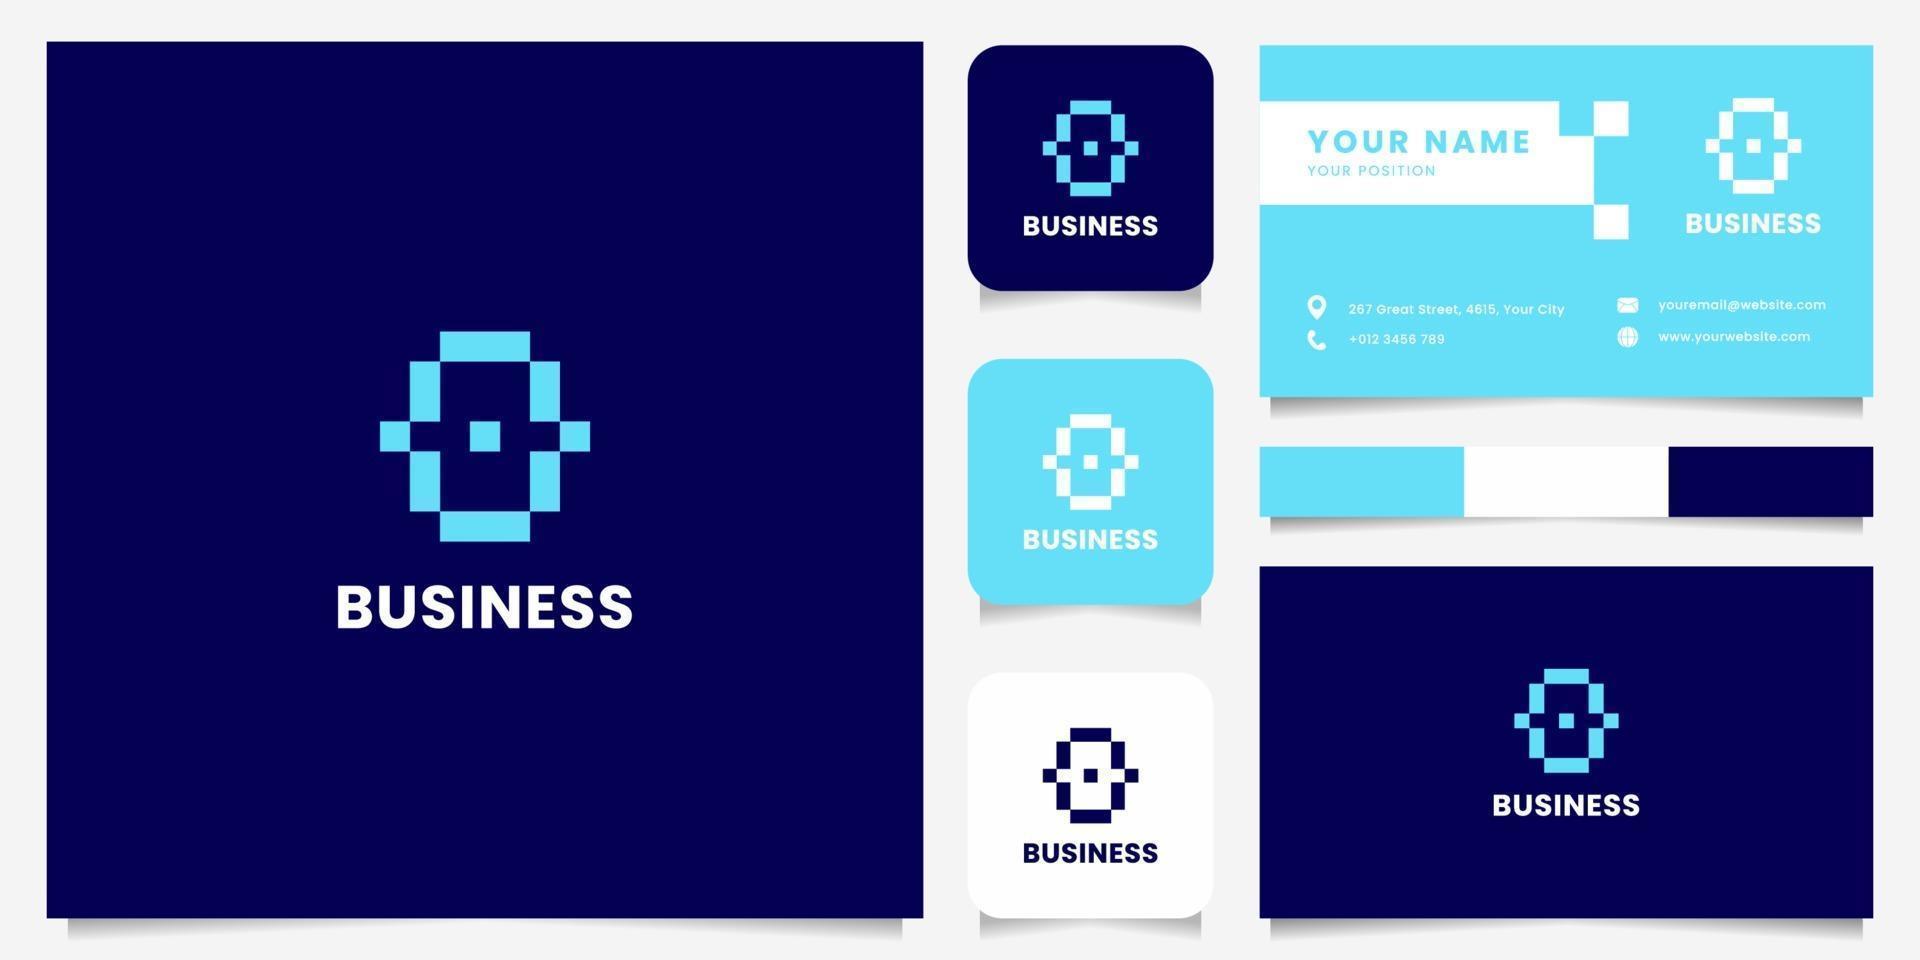 eenvoudig en minimalistisch blauw pixel letter o-logo met sjabloon voor visitekaartjes vector